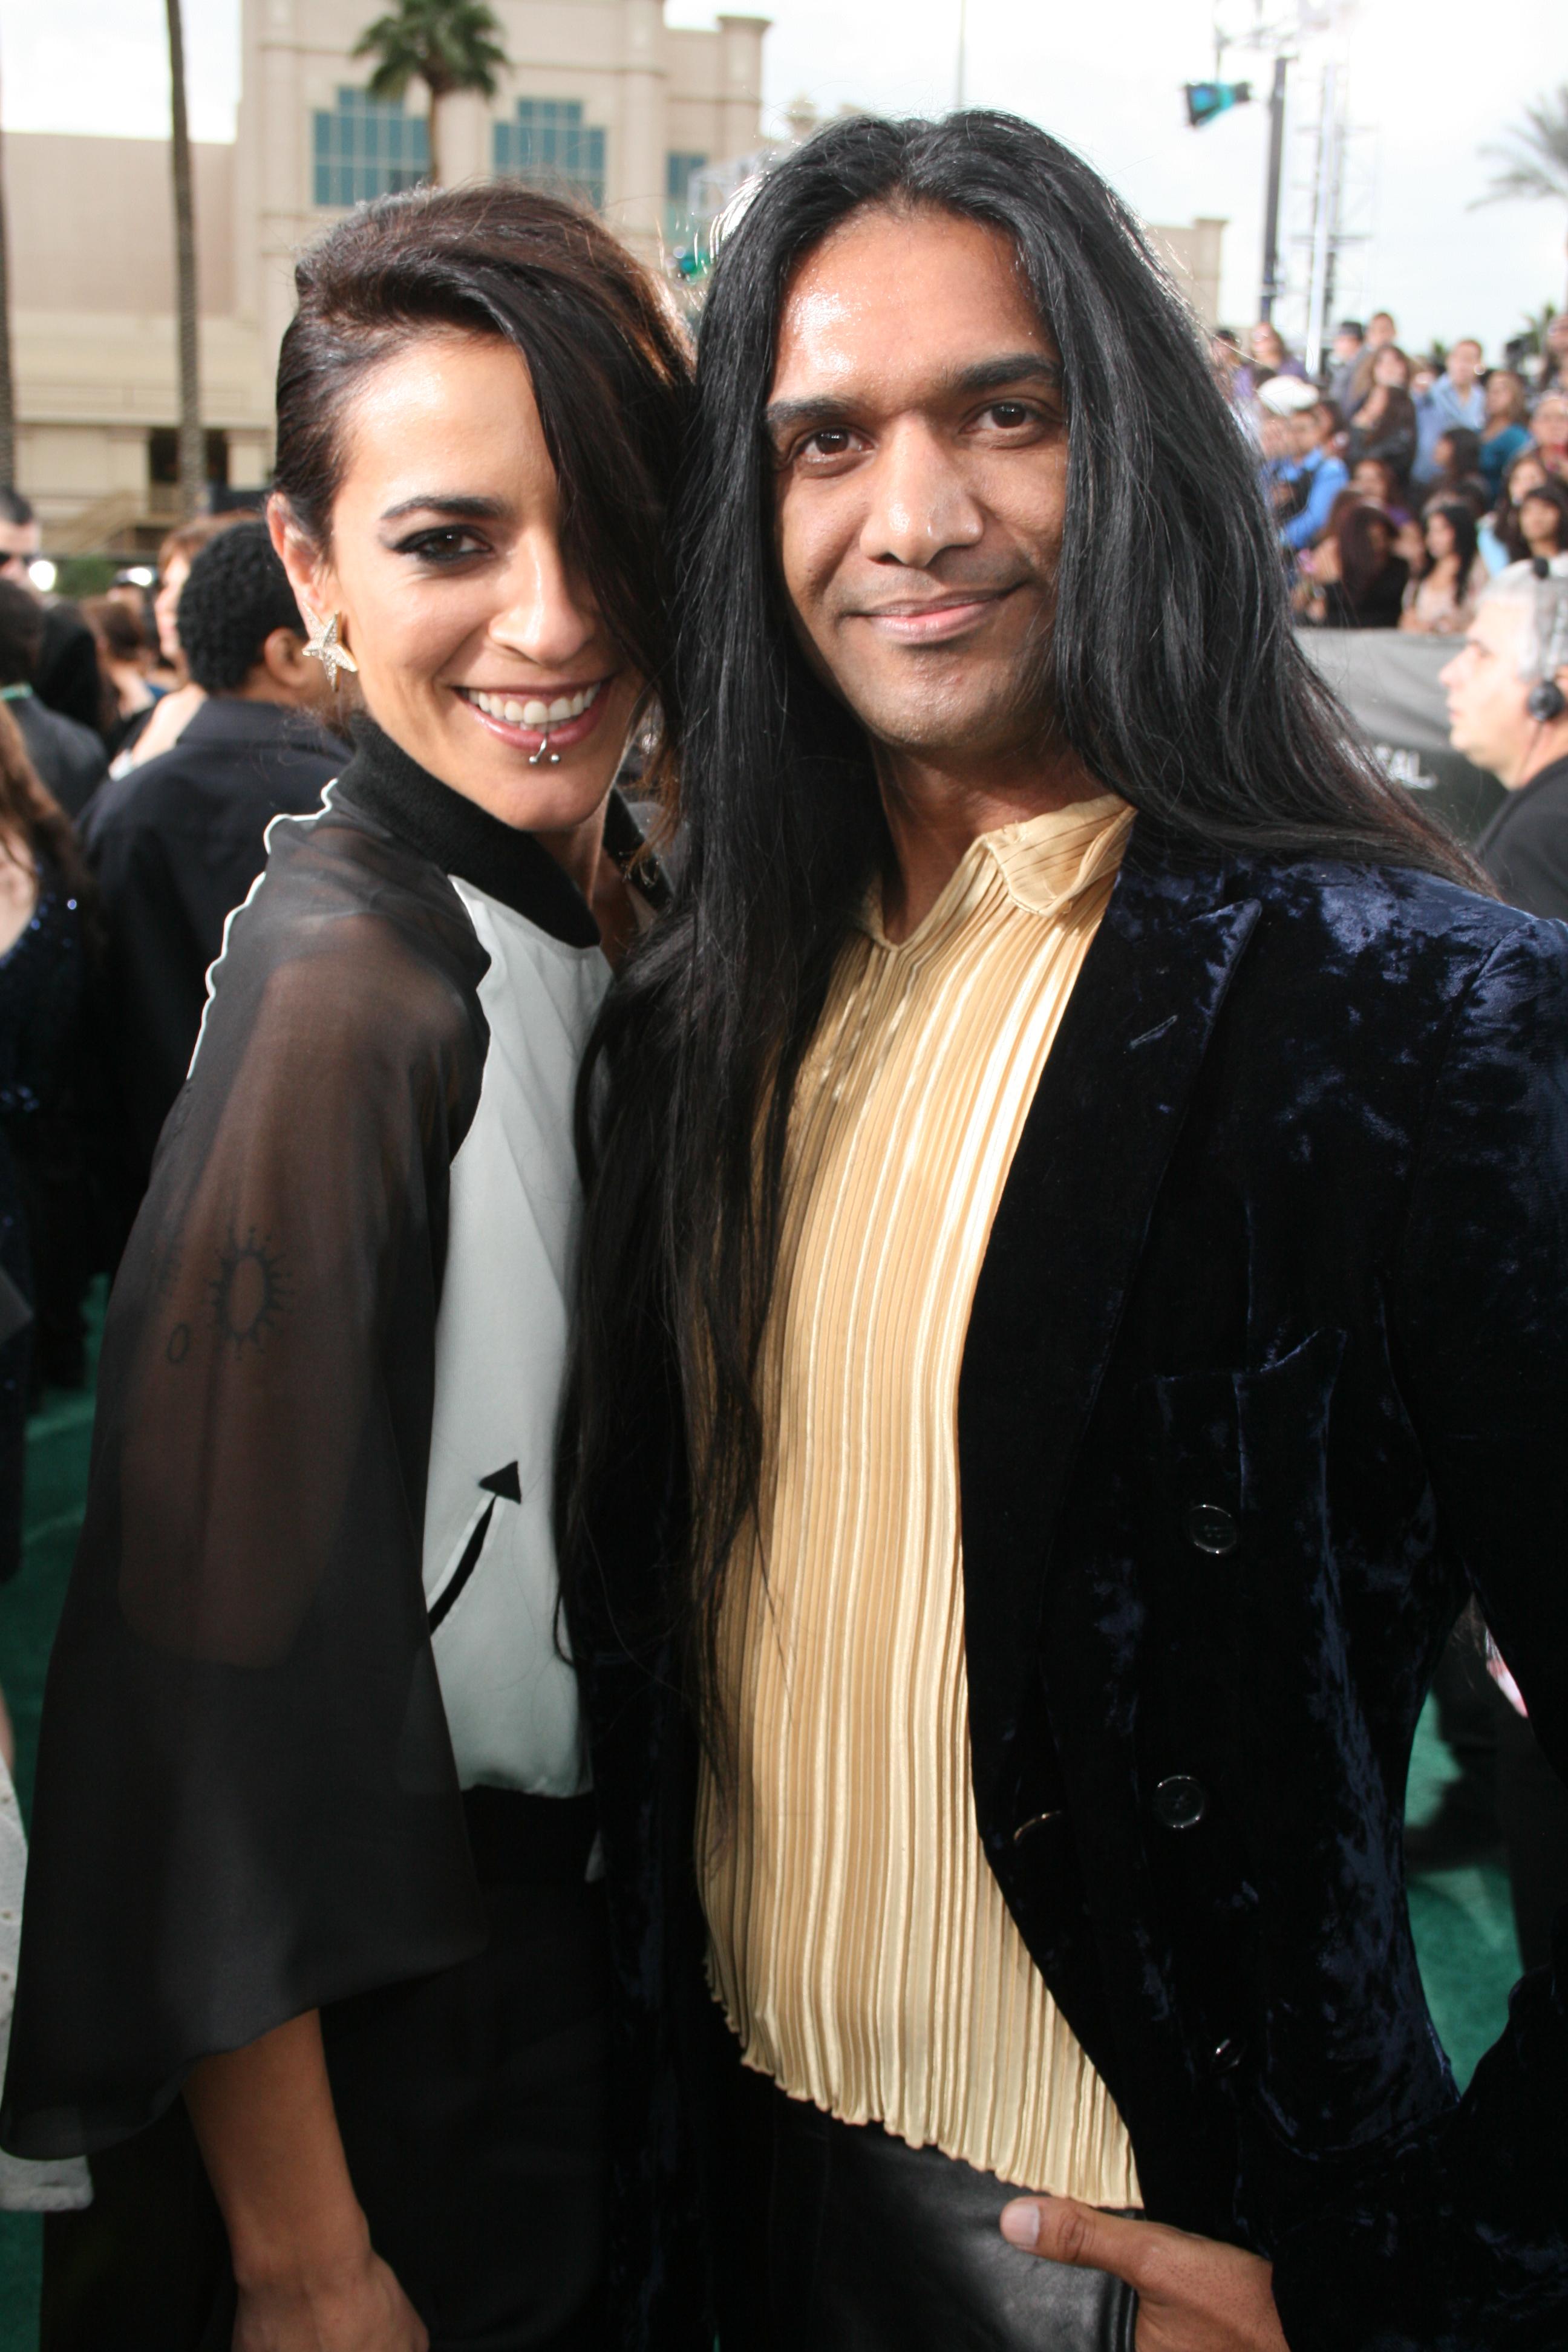 Bebe con Anand Bhatt en los Premios Grammy Latinos de 2012.